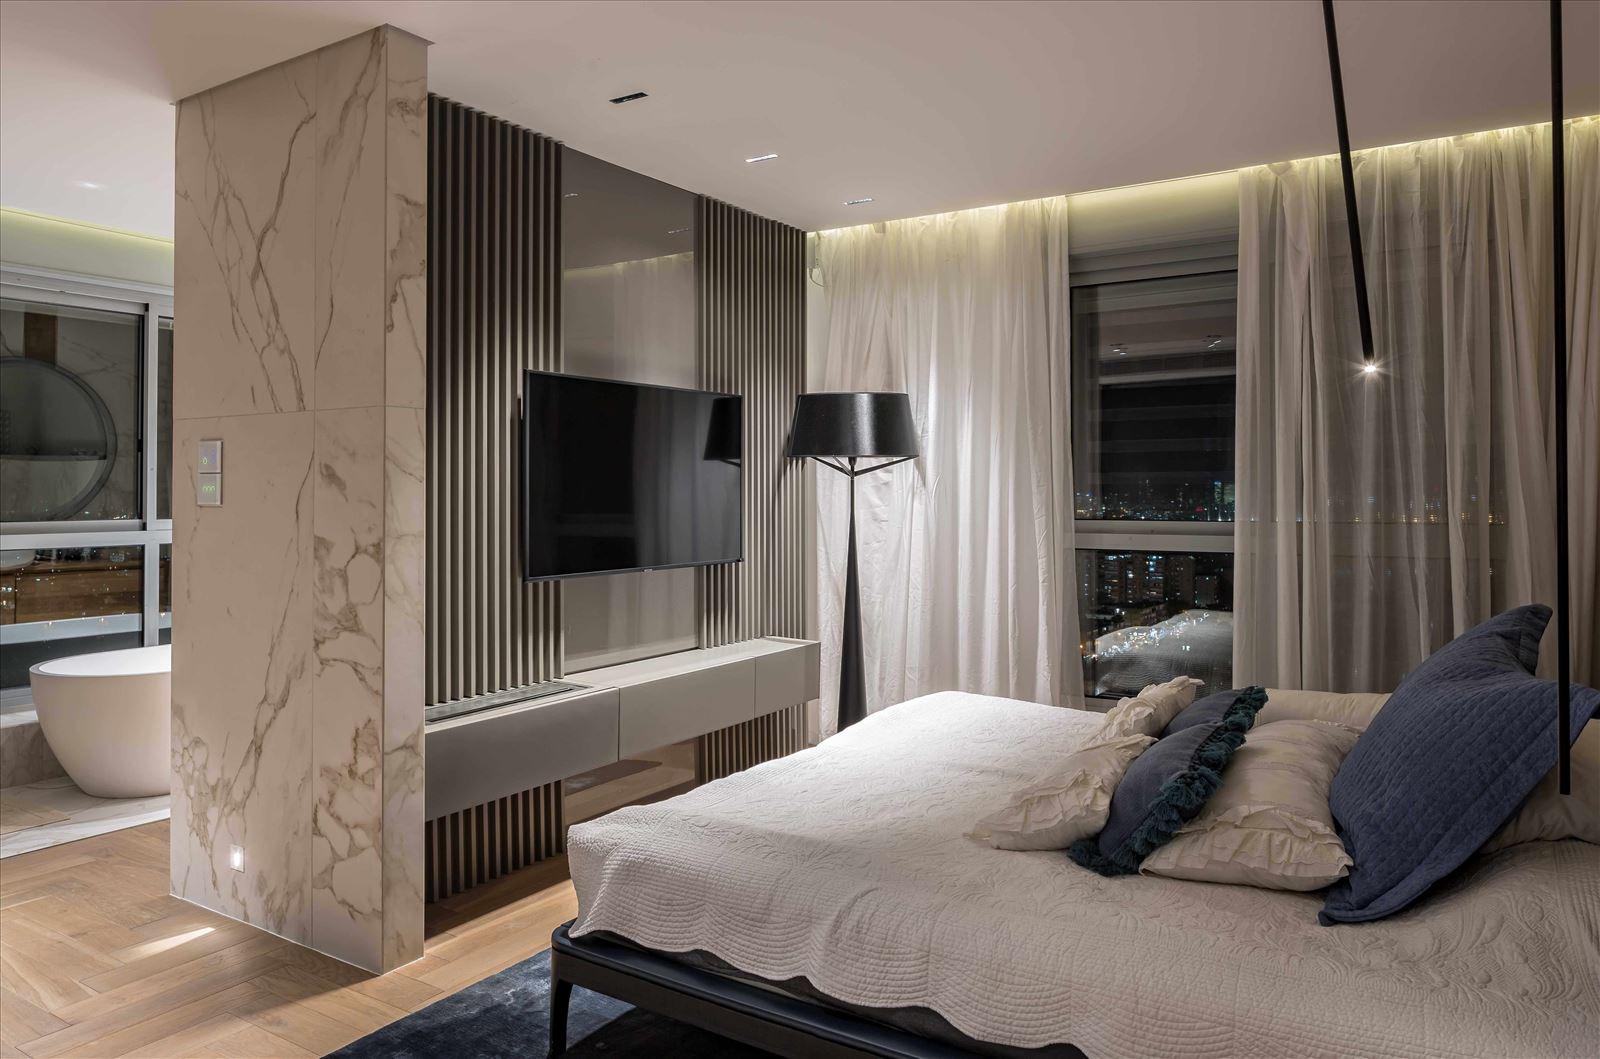 תאורה בחדר השינה - פרויקט תאורה בבית פרטי על ידי דורי קמחי